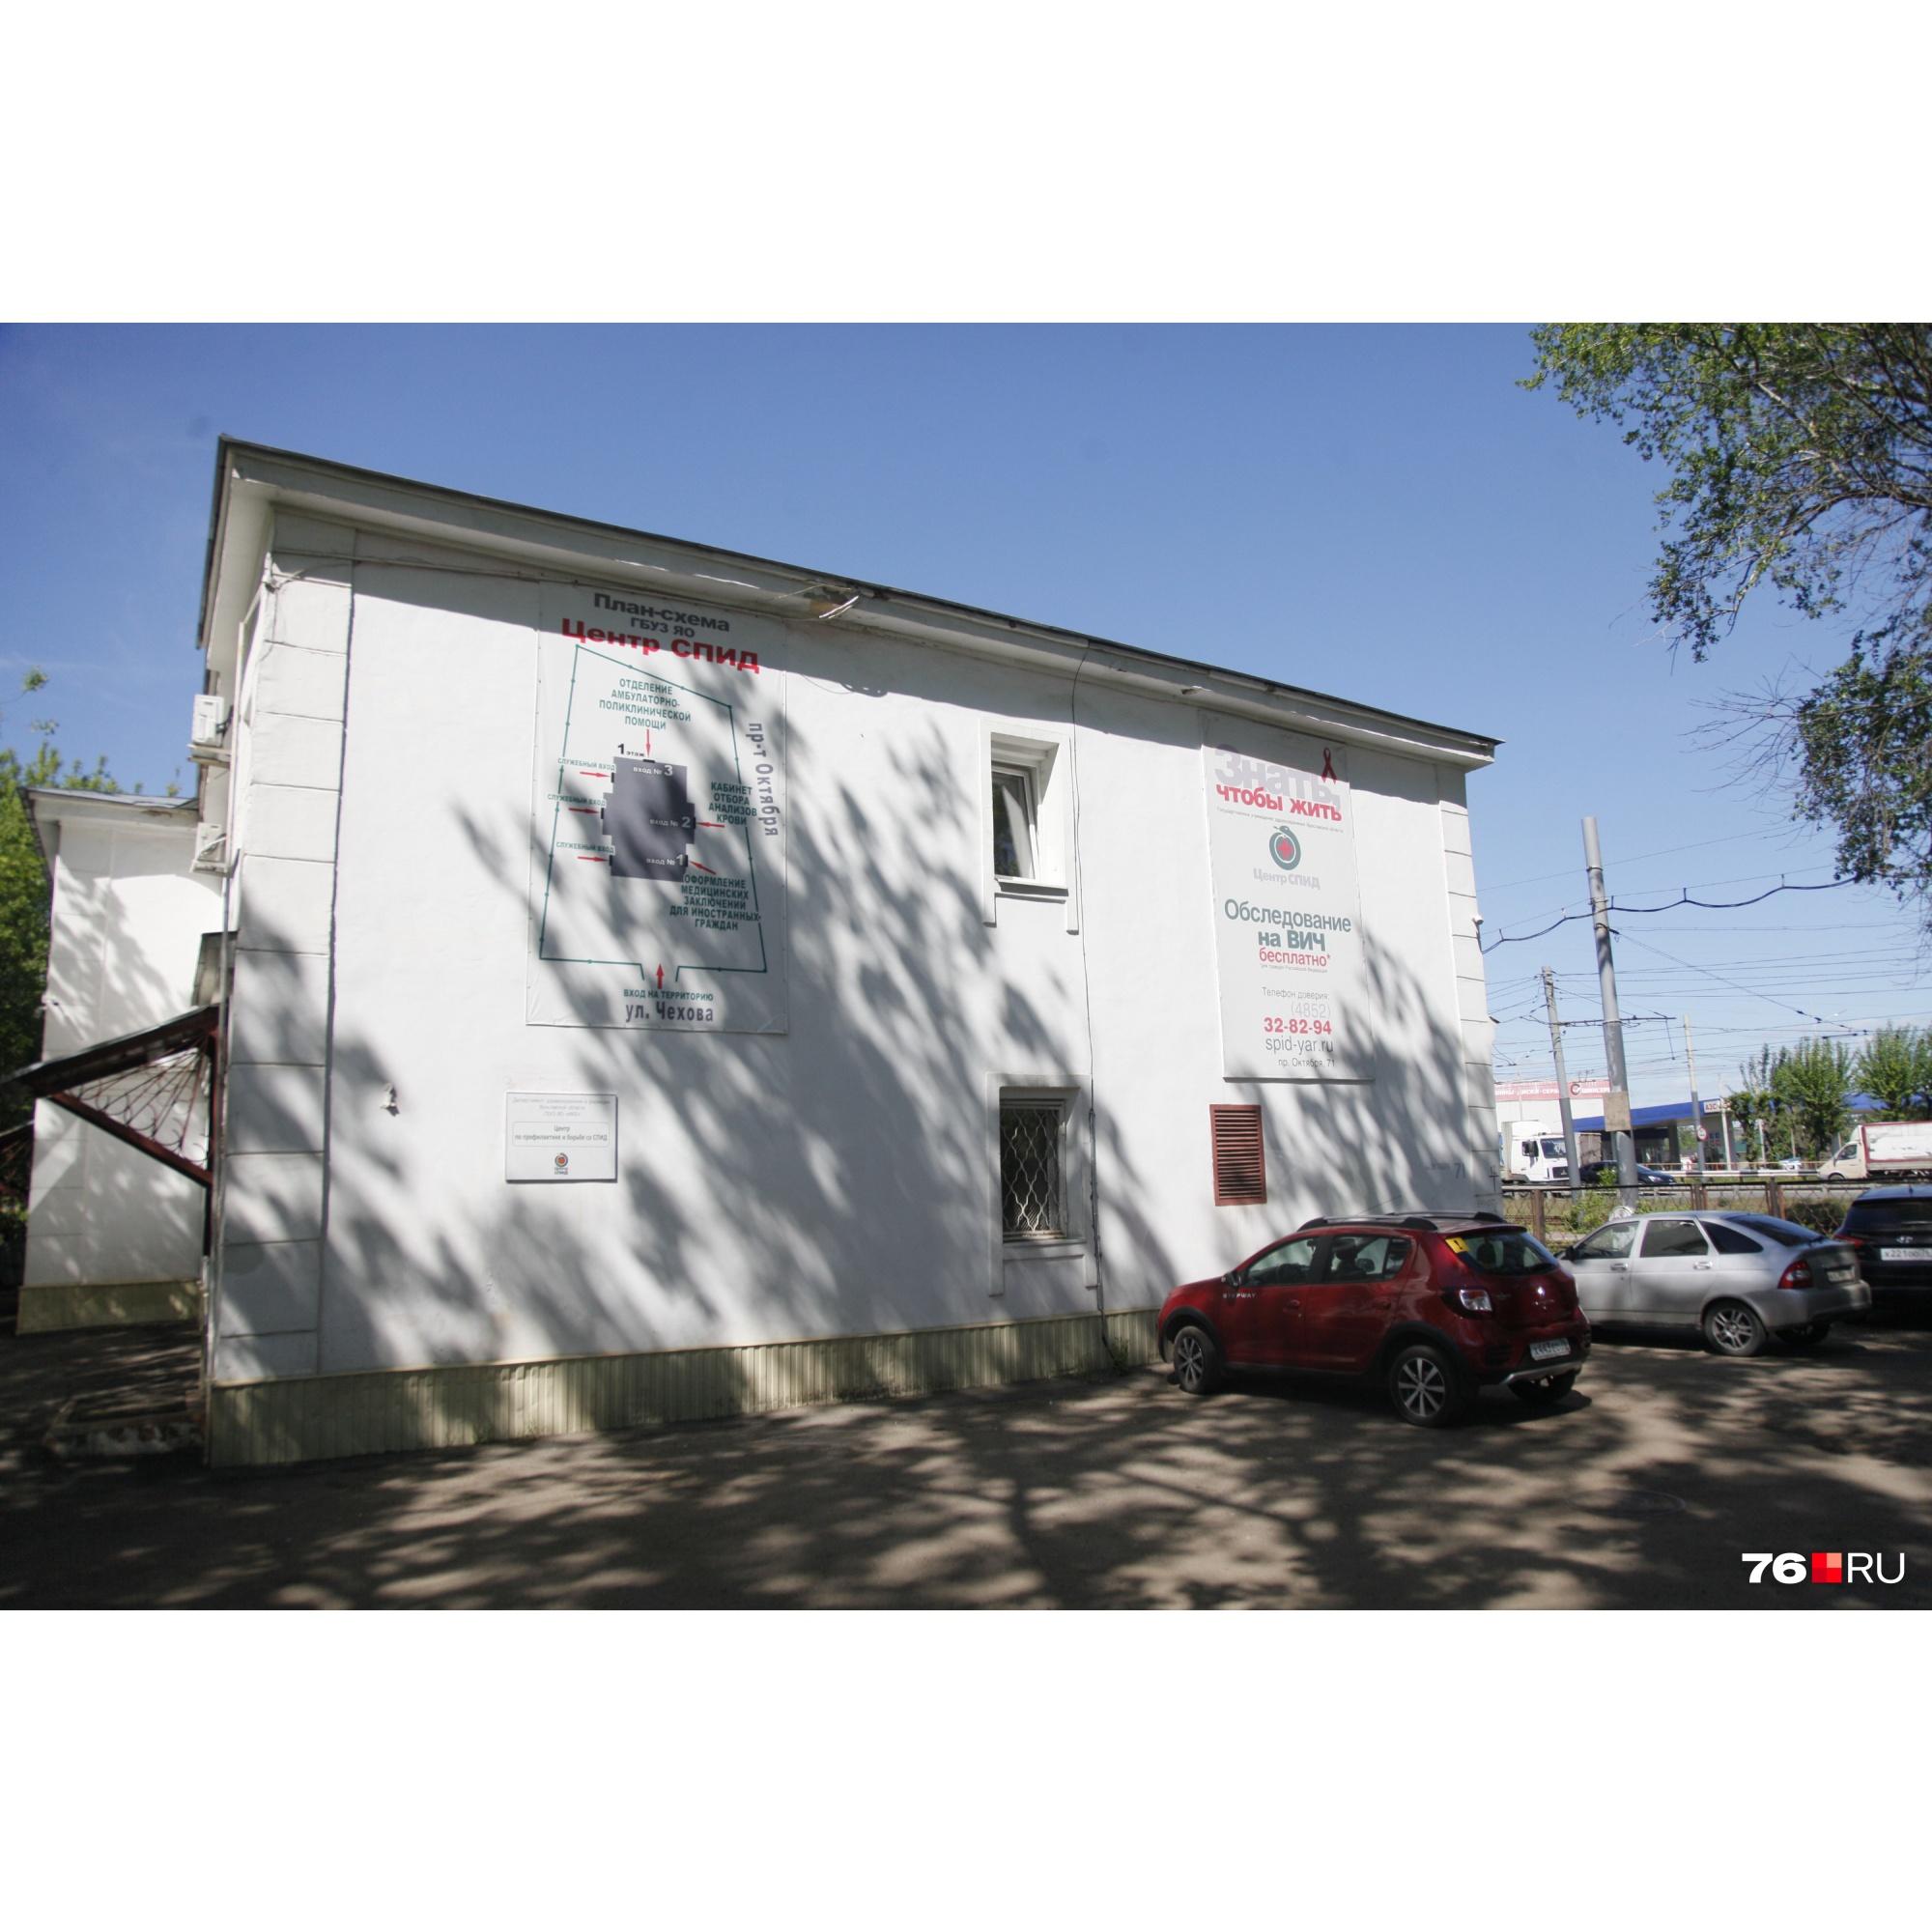 «Центр-СПИД» находится рядом по адресу: проспект Октября, 71